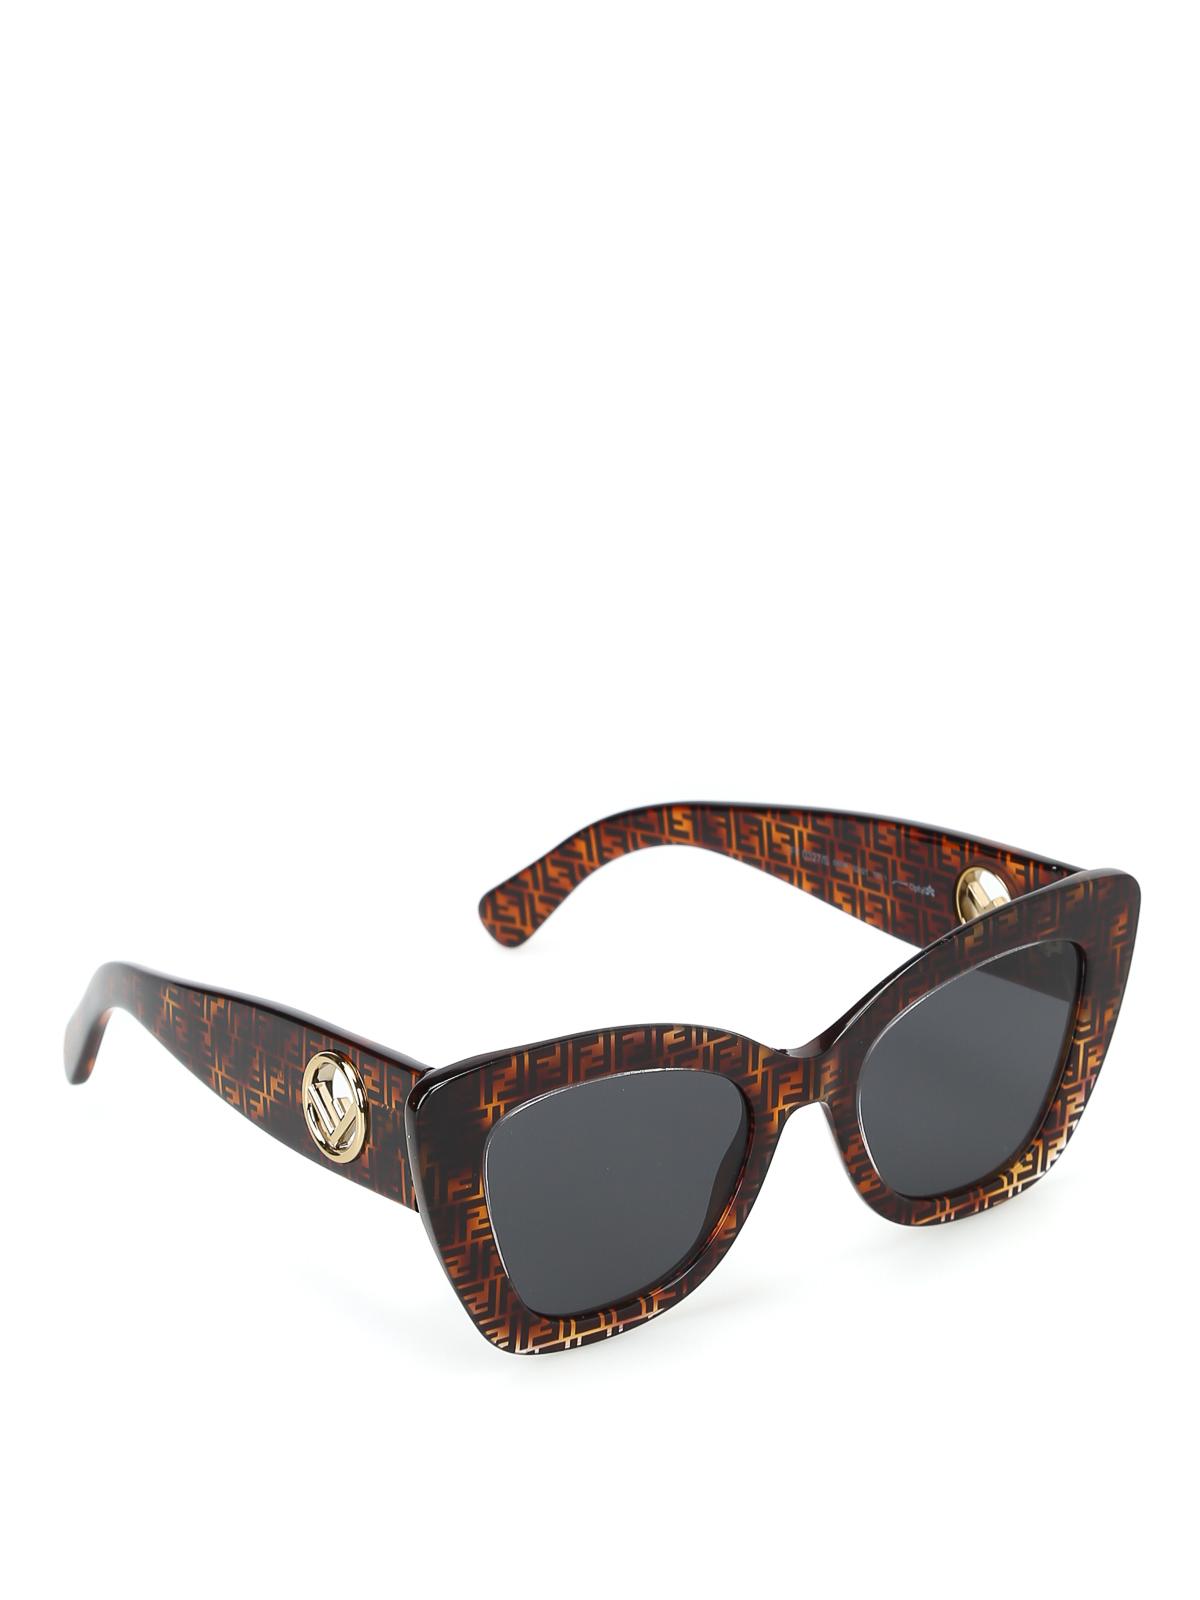 ae70ada48b Fendi - F is Fendi FF motif cat eye sunglasses - sunglasses ...